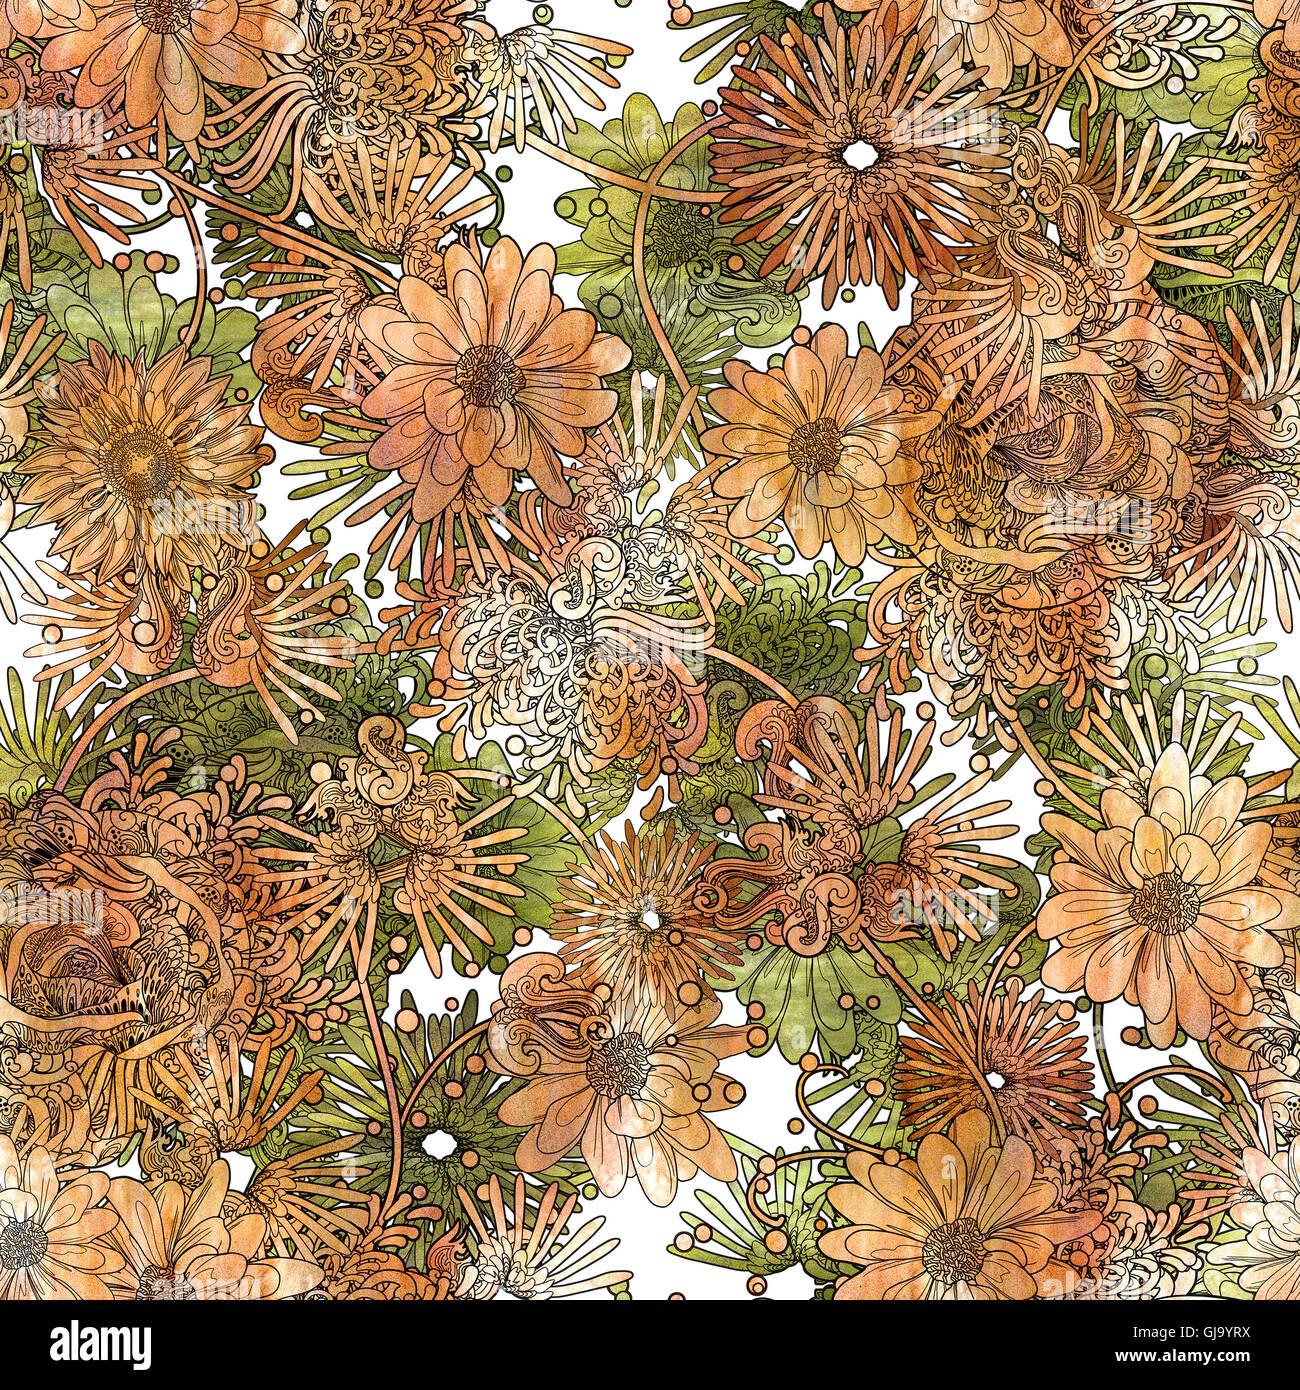 Motif florale,beau fond avec orange et vert,fleurs Aquarelle Photo Stock